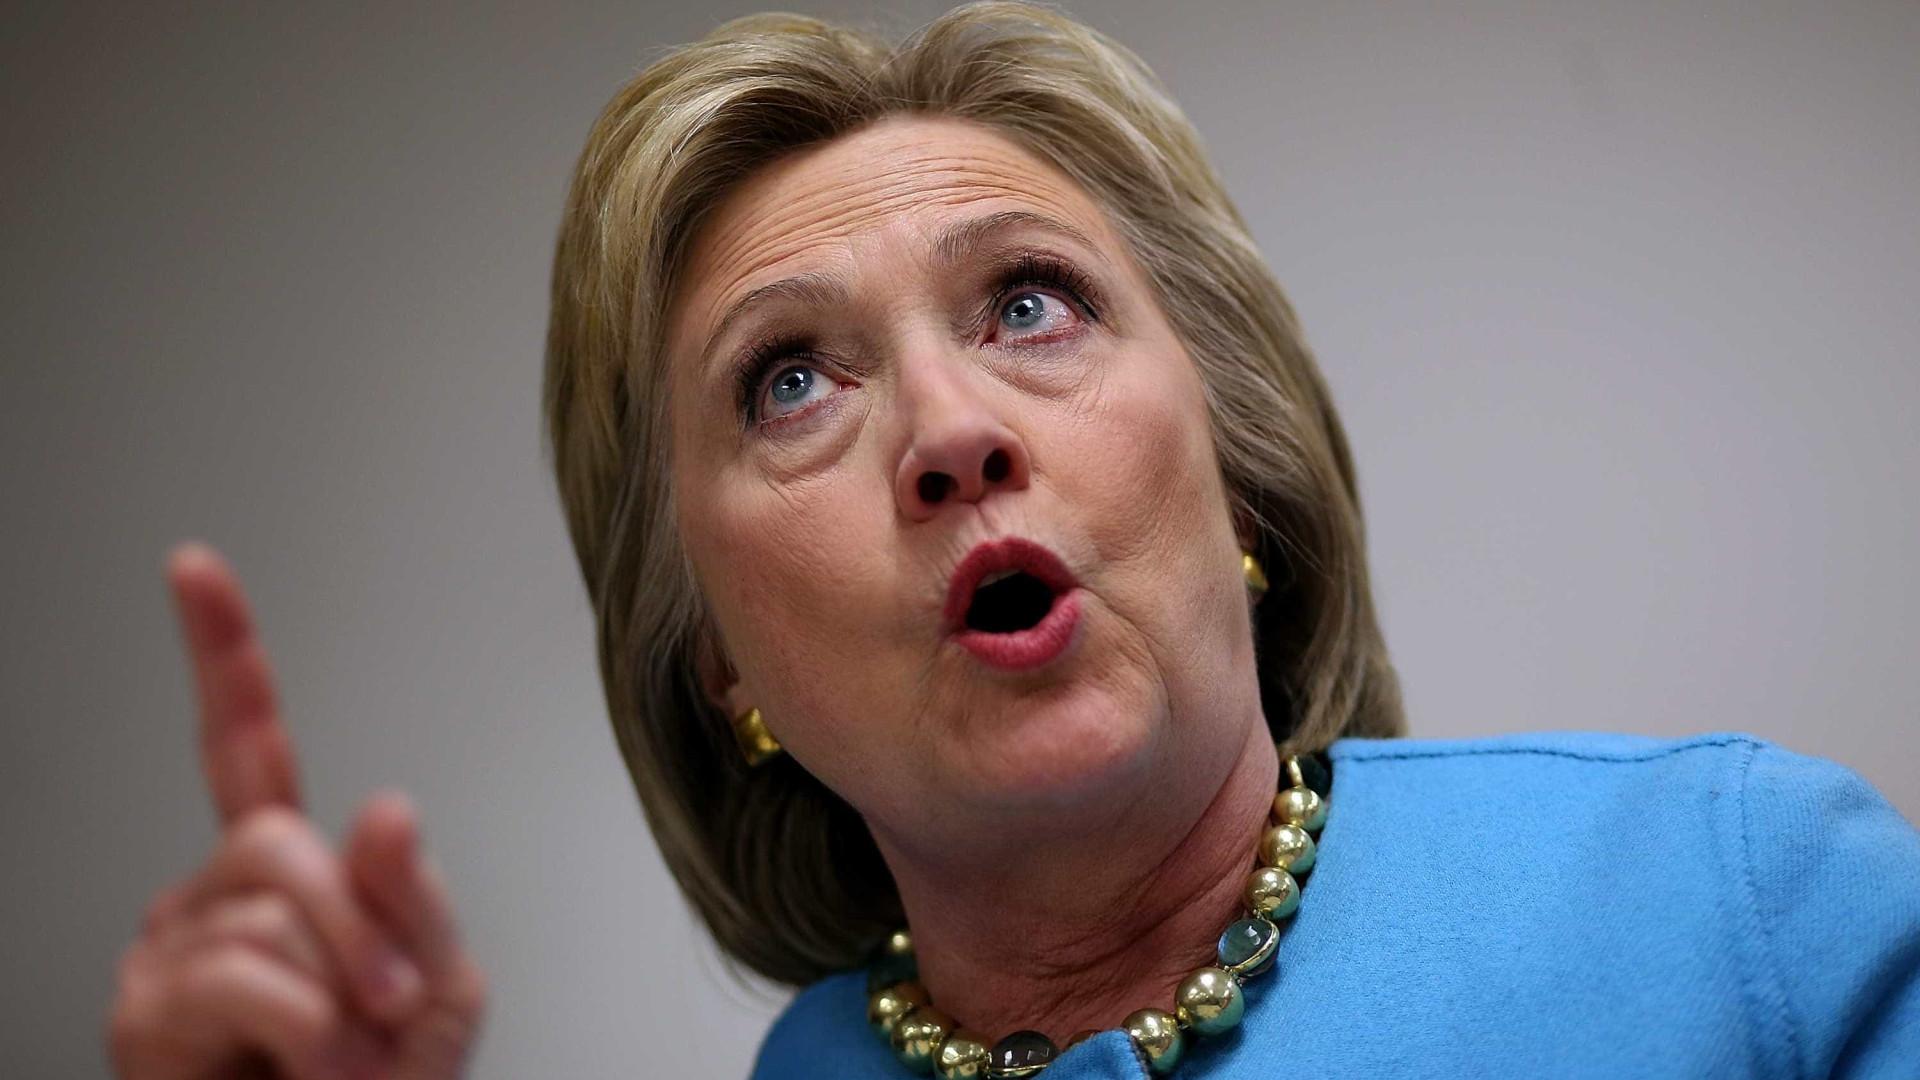 Emails que podem complicar Hillary partiram de braço direito